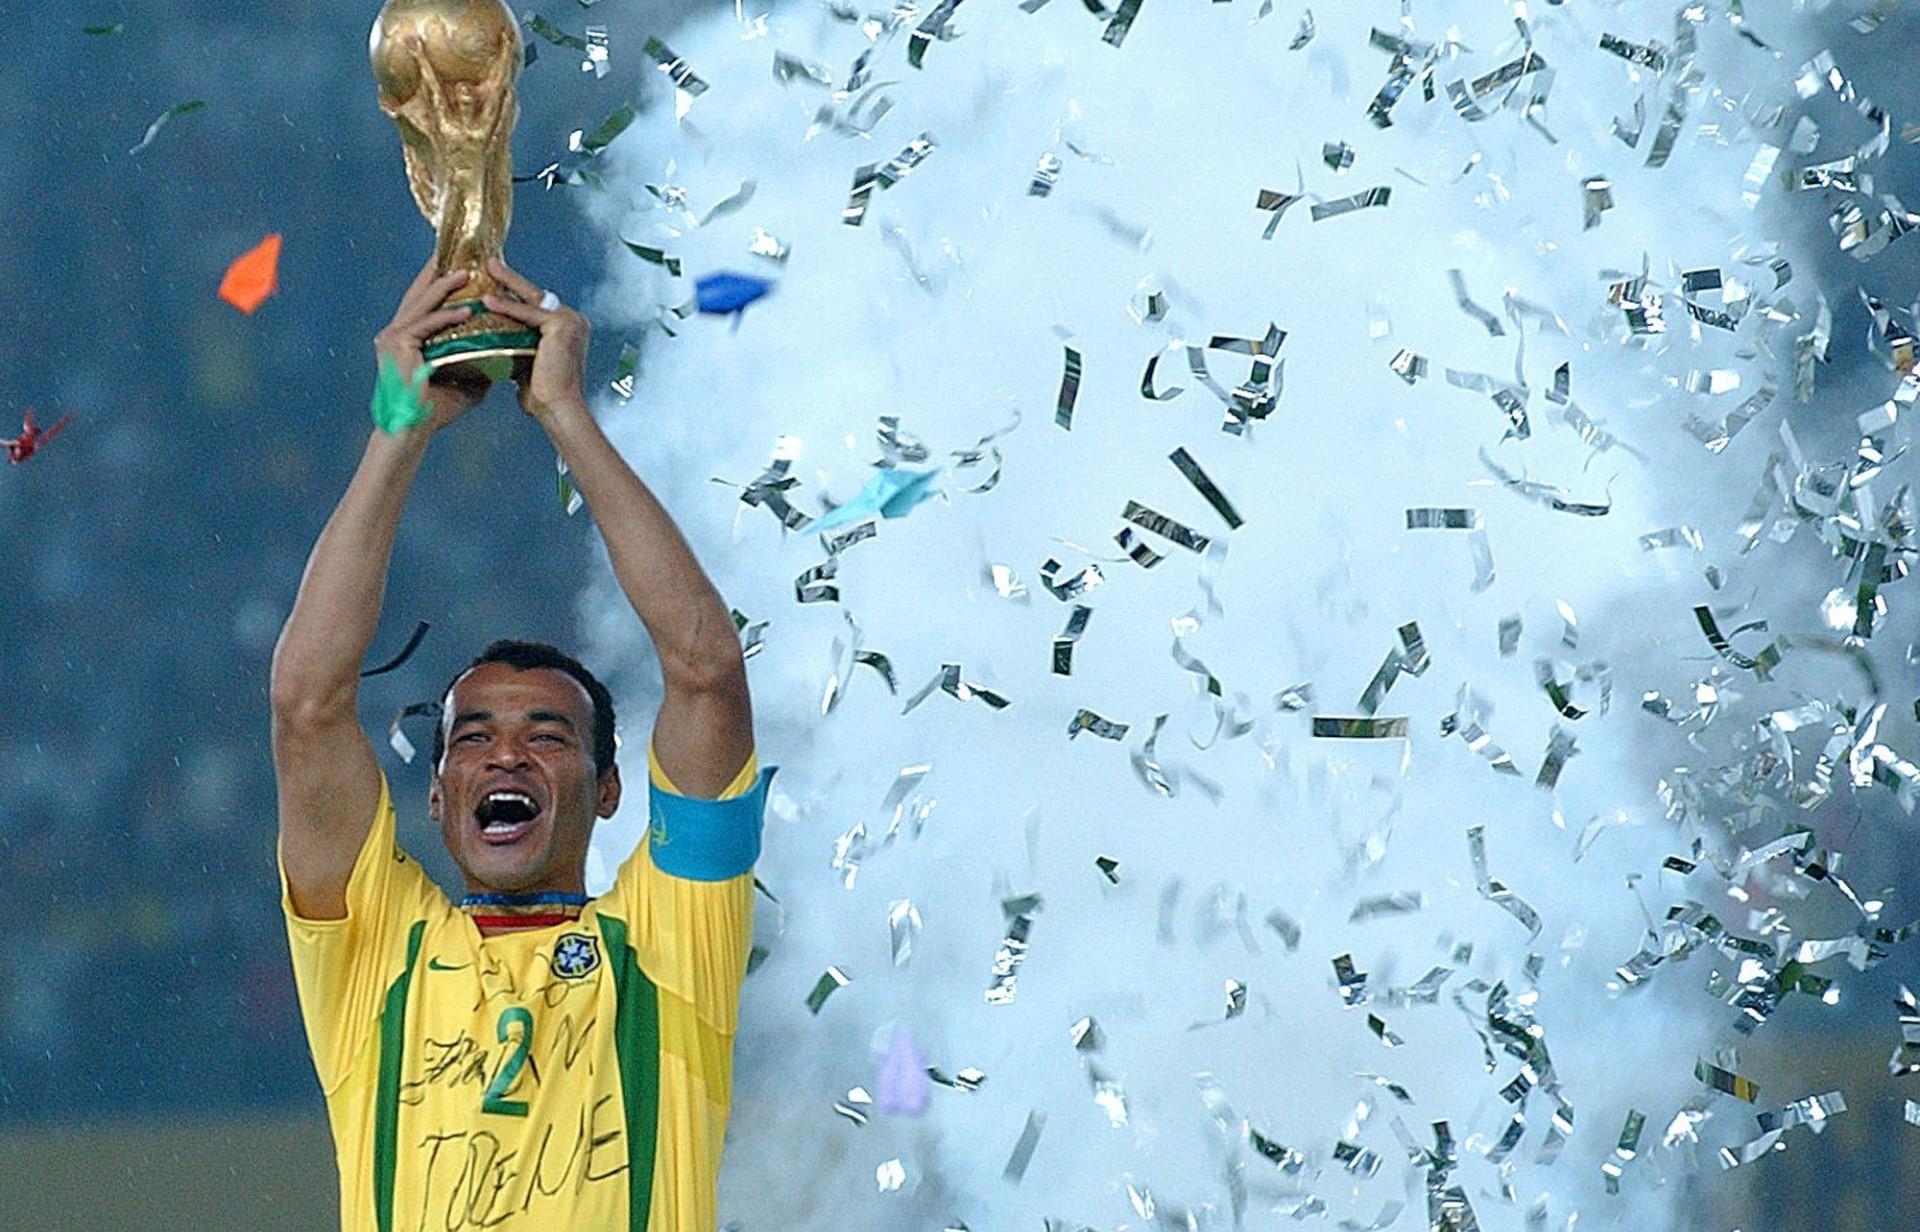 Cafu lifts trophy